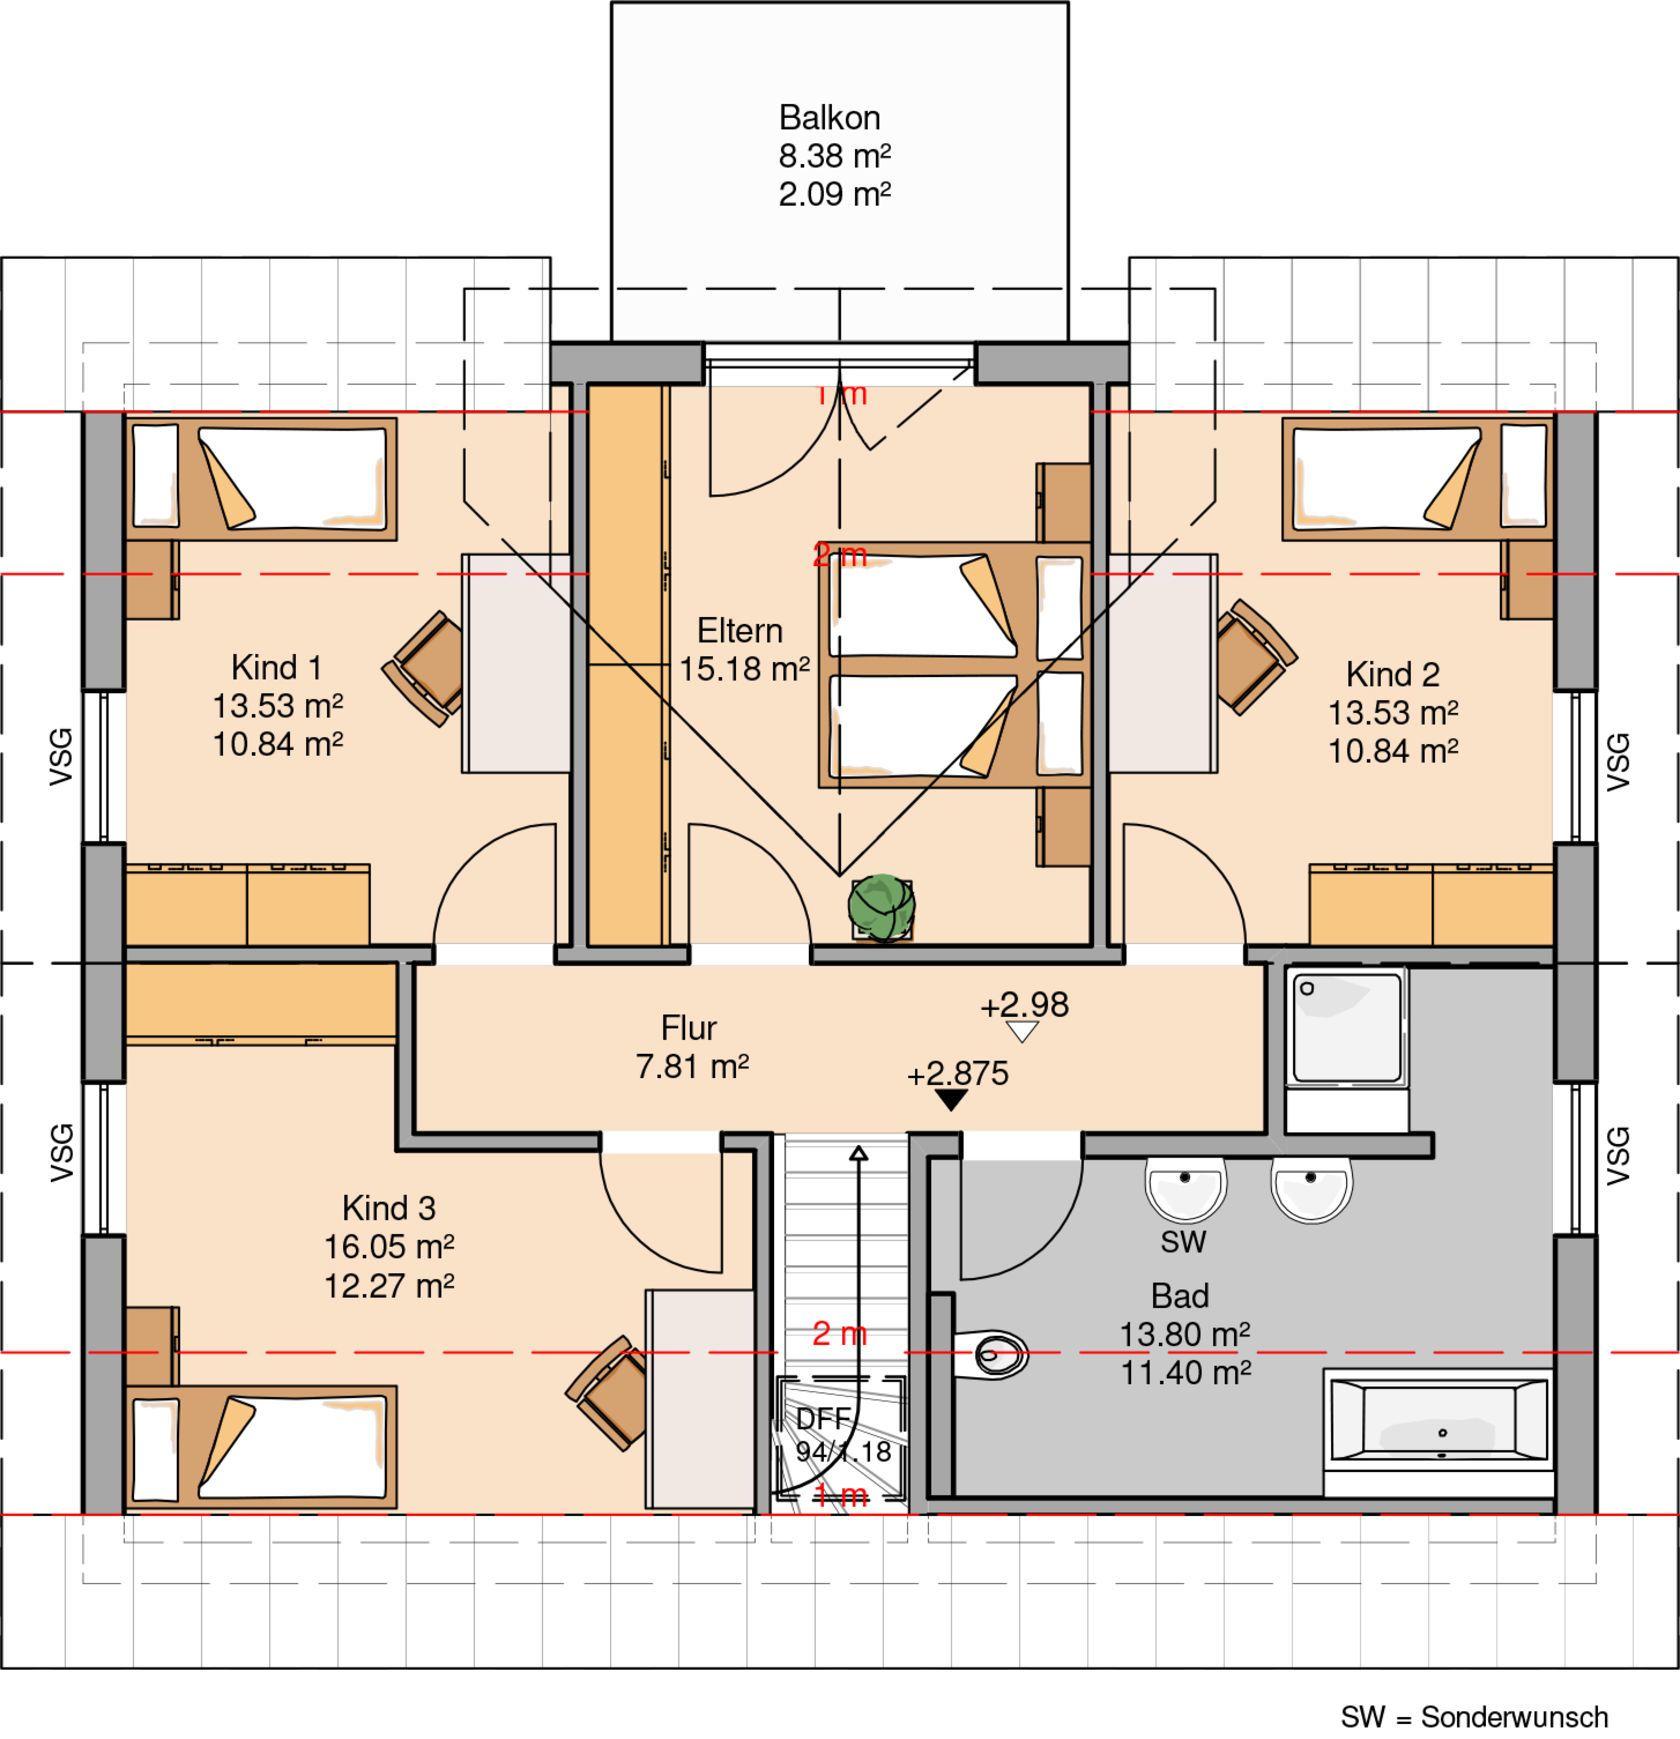 Schön Grundriss Einfamilienhaus 150 Qm Galerie Von Kern- Signum Dachgeschoss